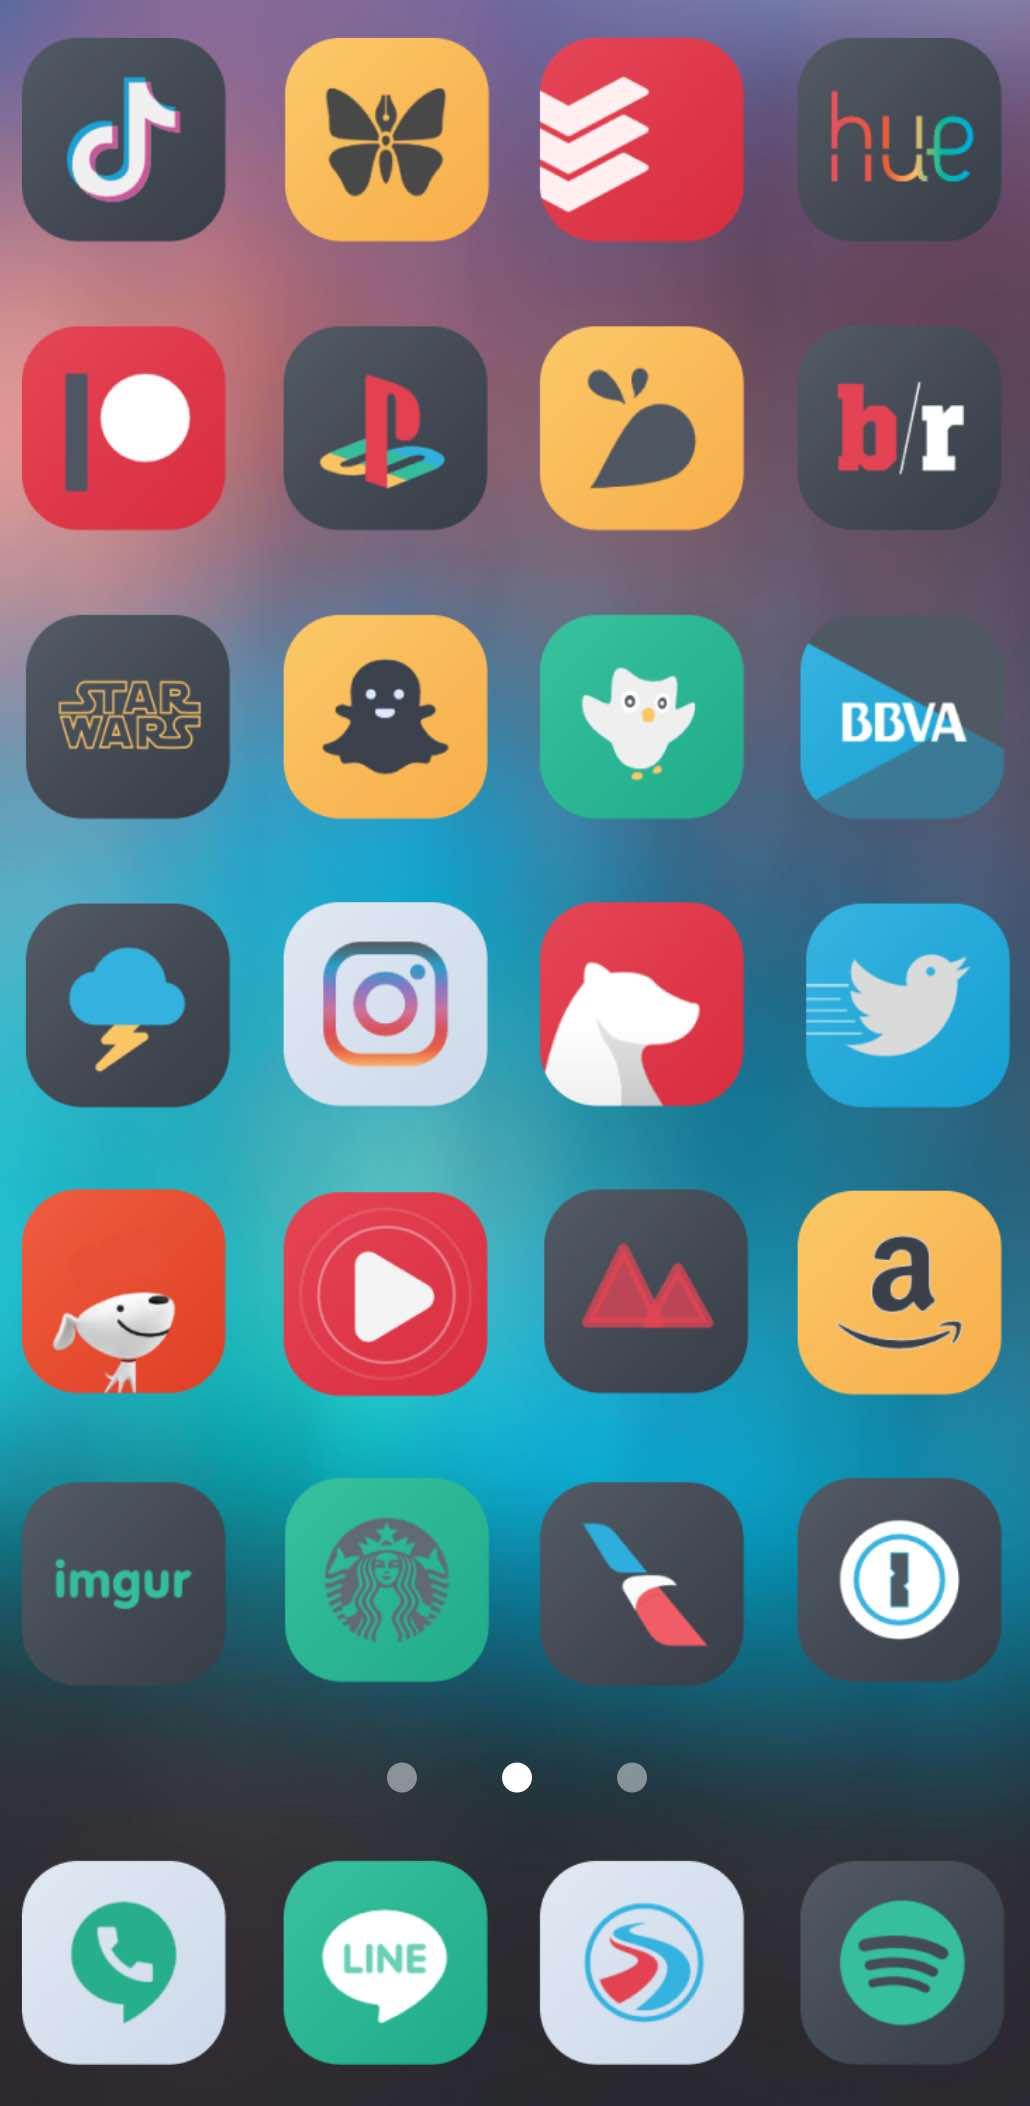 Download Marque iOS 13 1.1